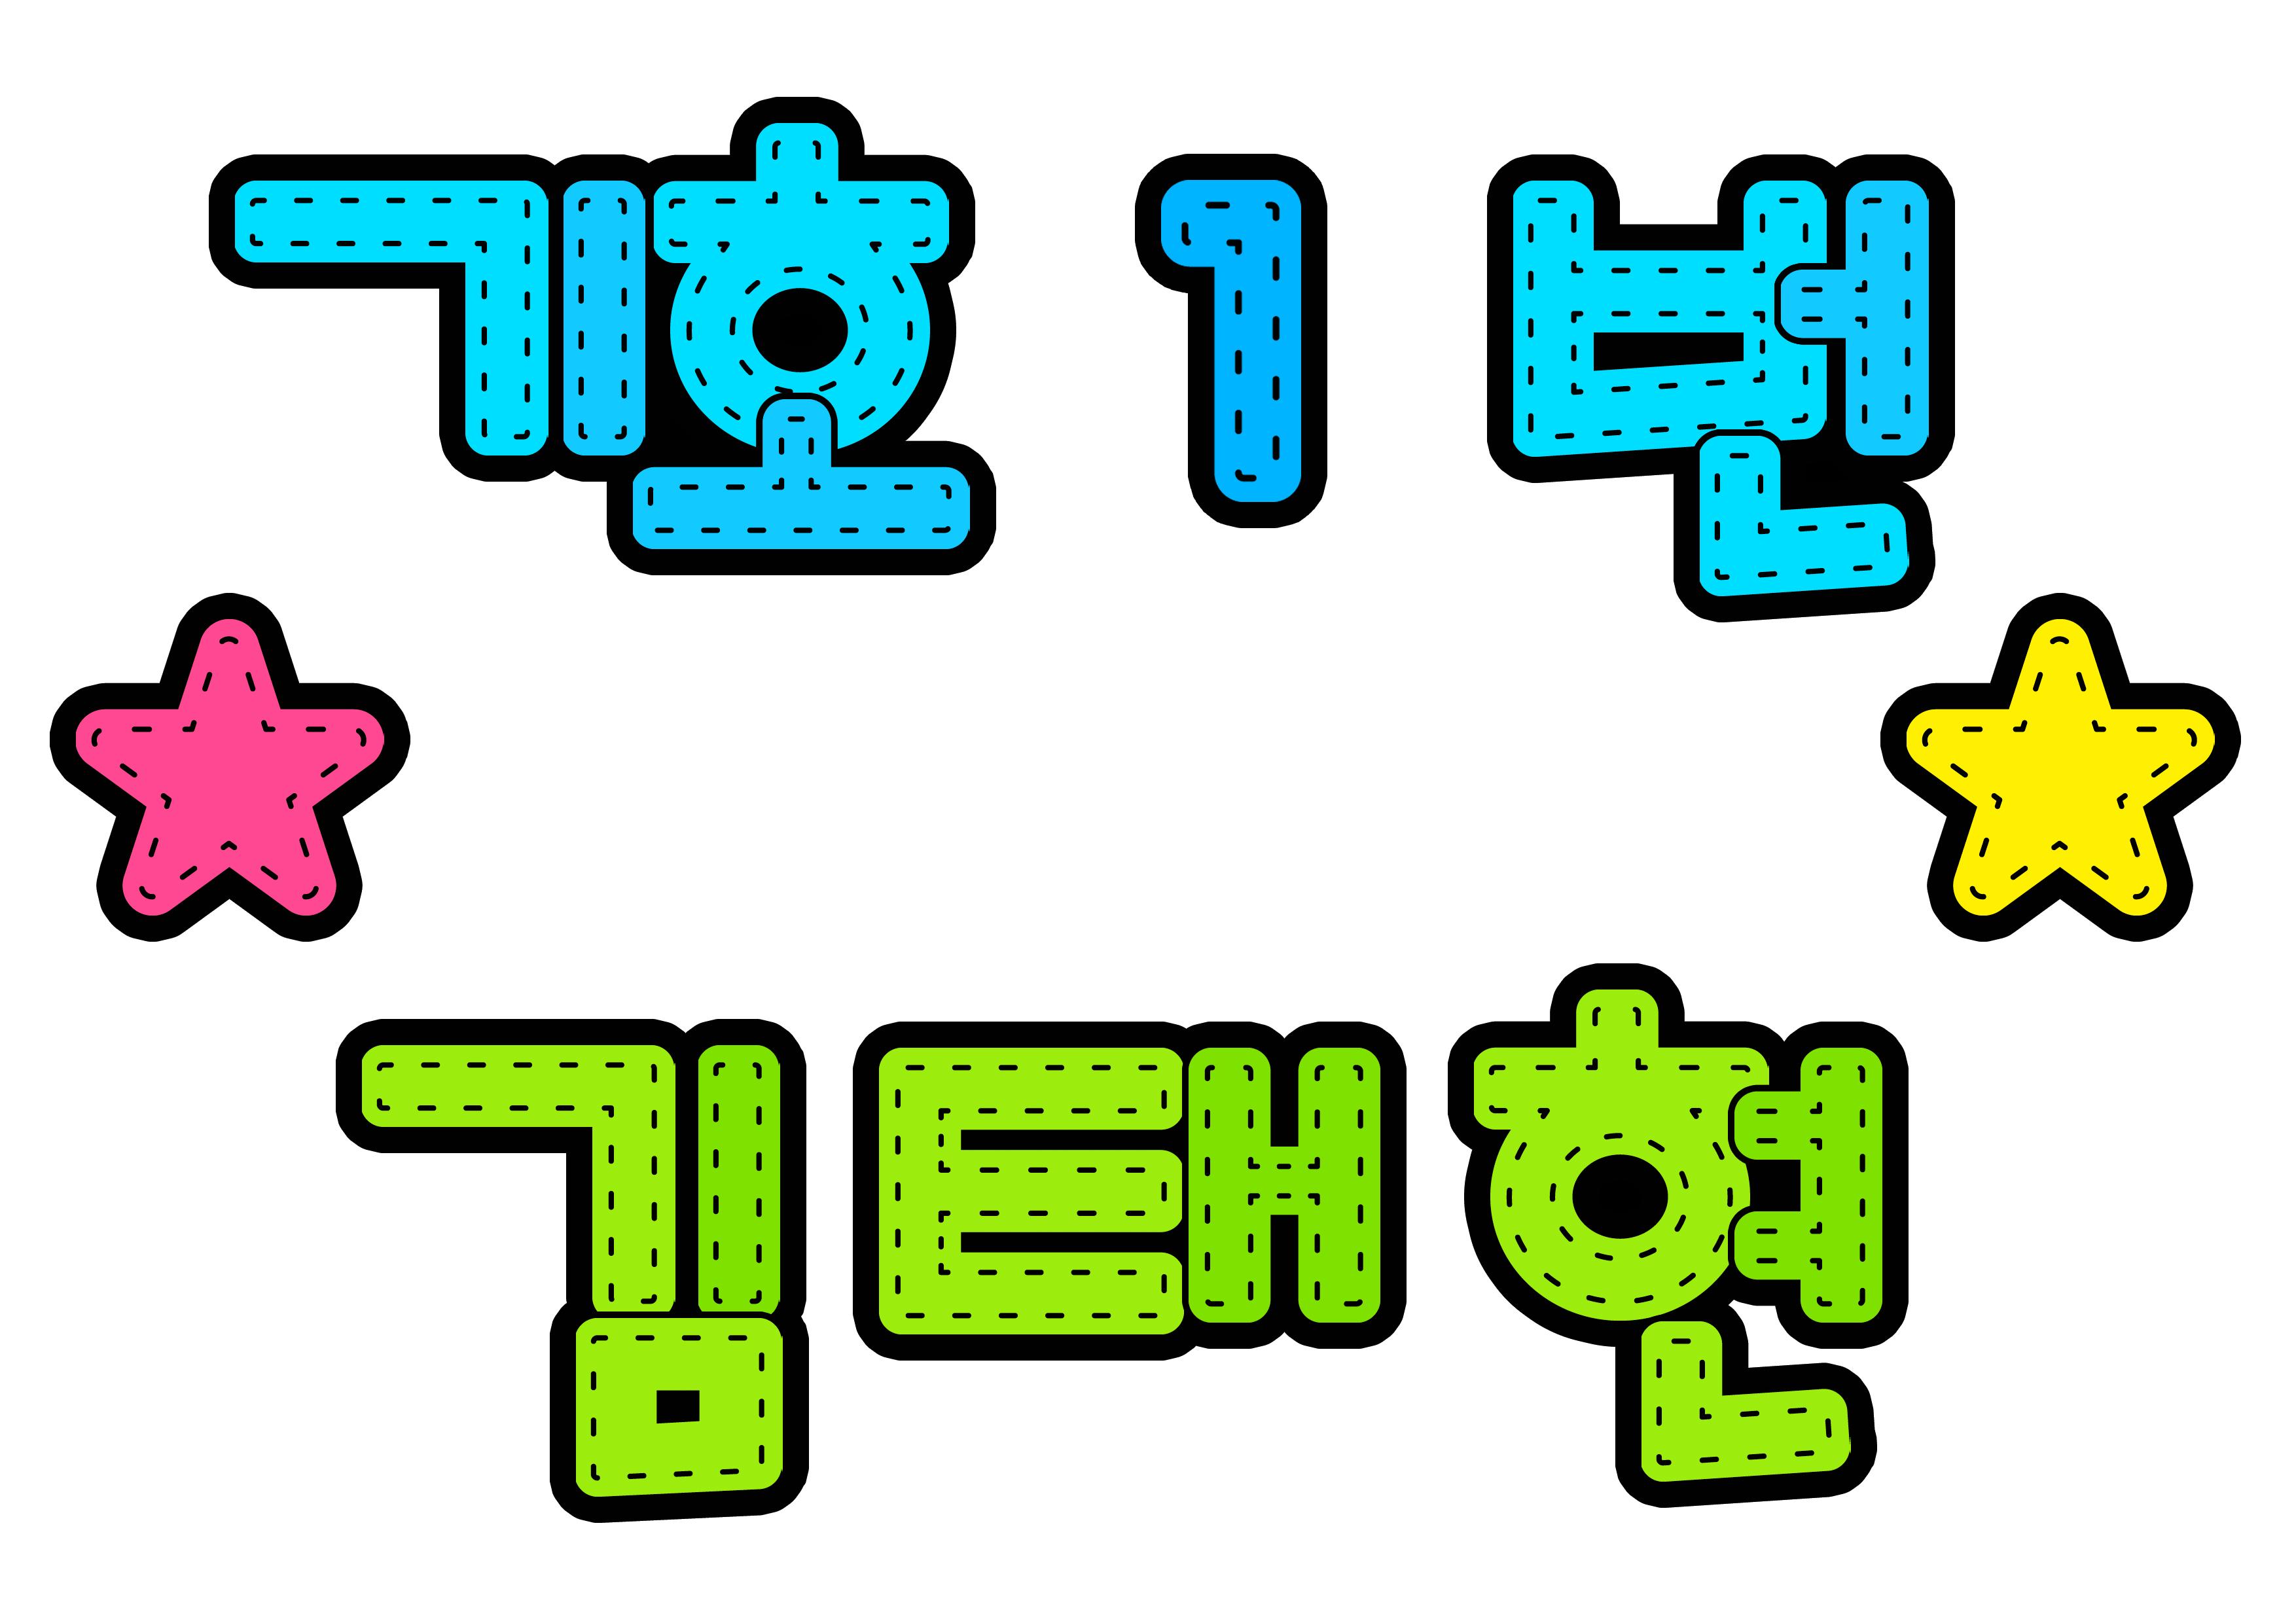 기호 1번 김태현